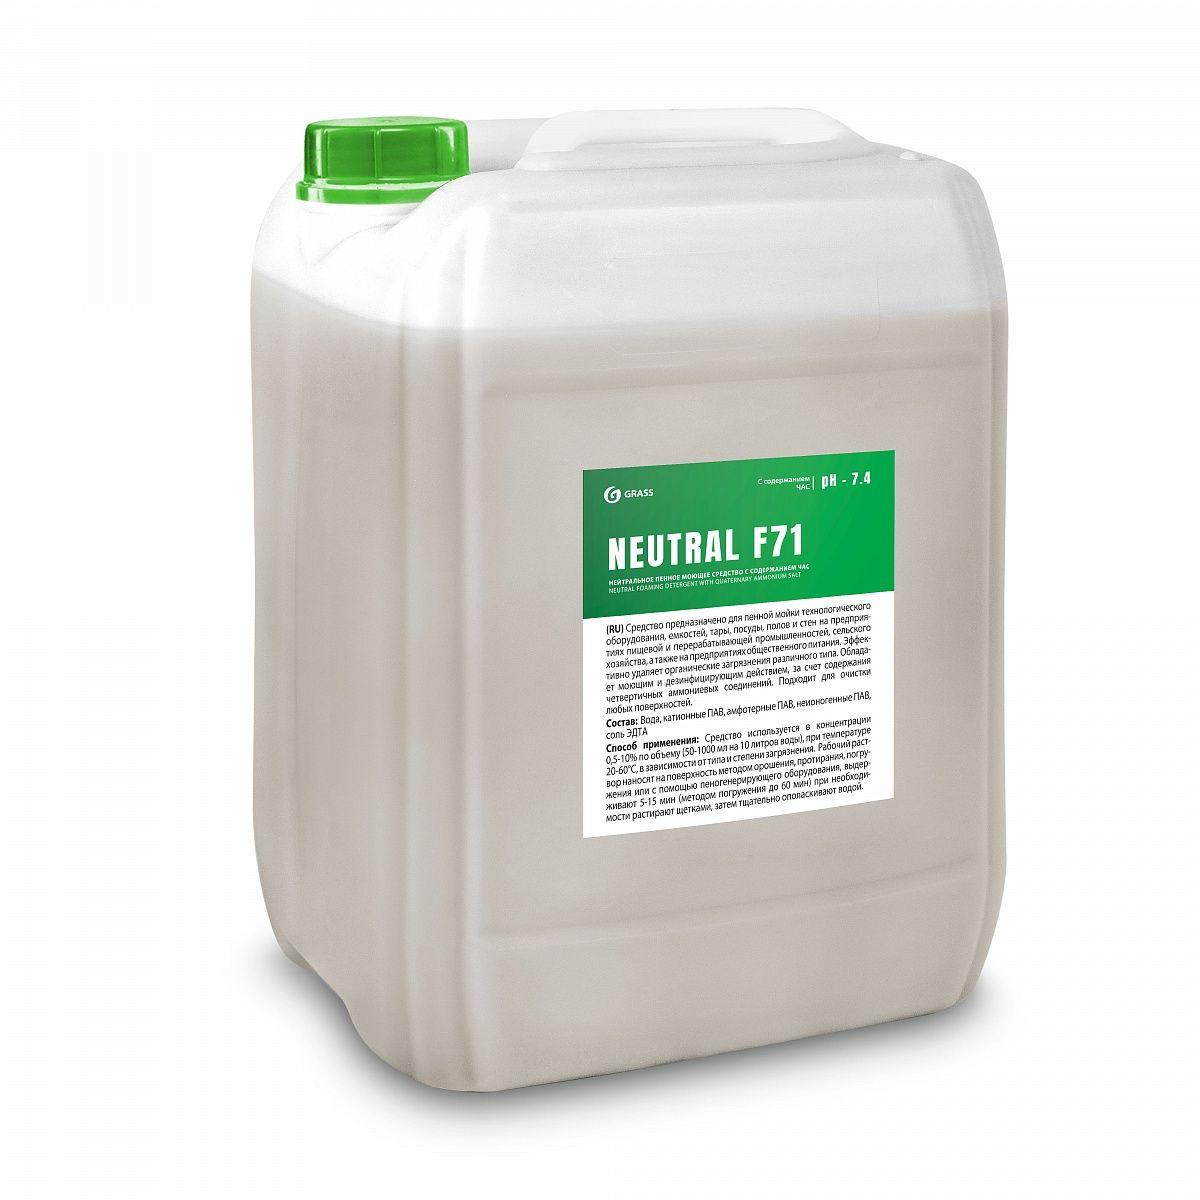 Нейтральное пенное моющее средство с содержанием ЧАС NEUTRAL F71 (канистра 19 л)